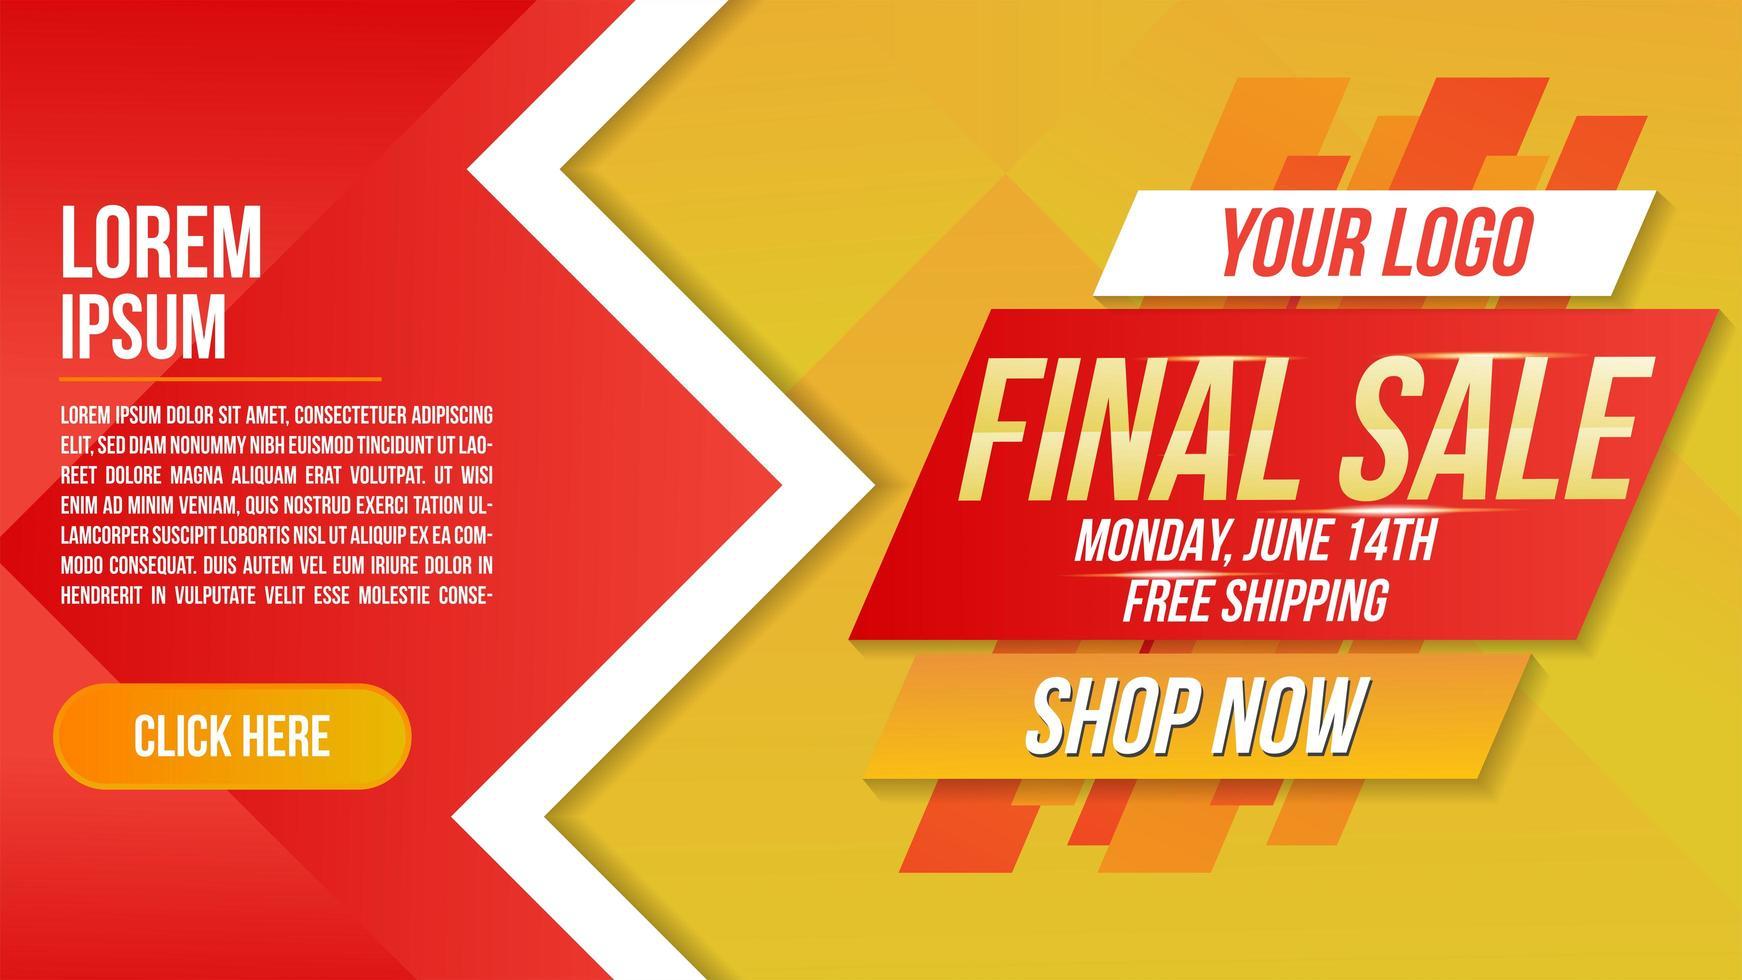 vinklad design slutlig försäljningsbanner i rött och gult vektor